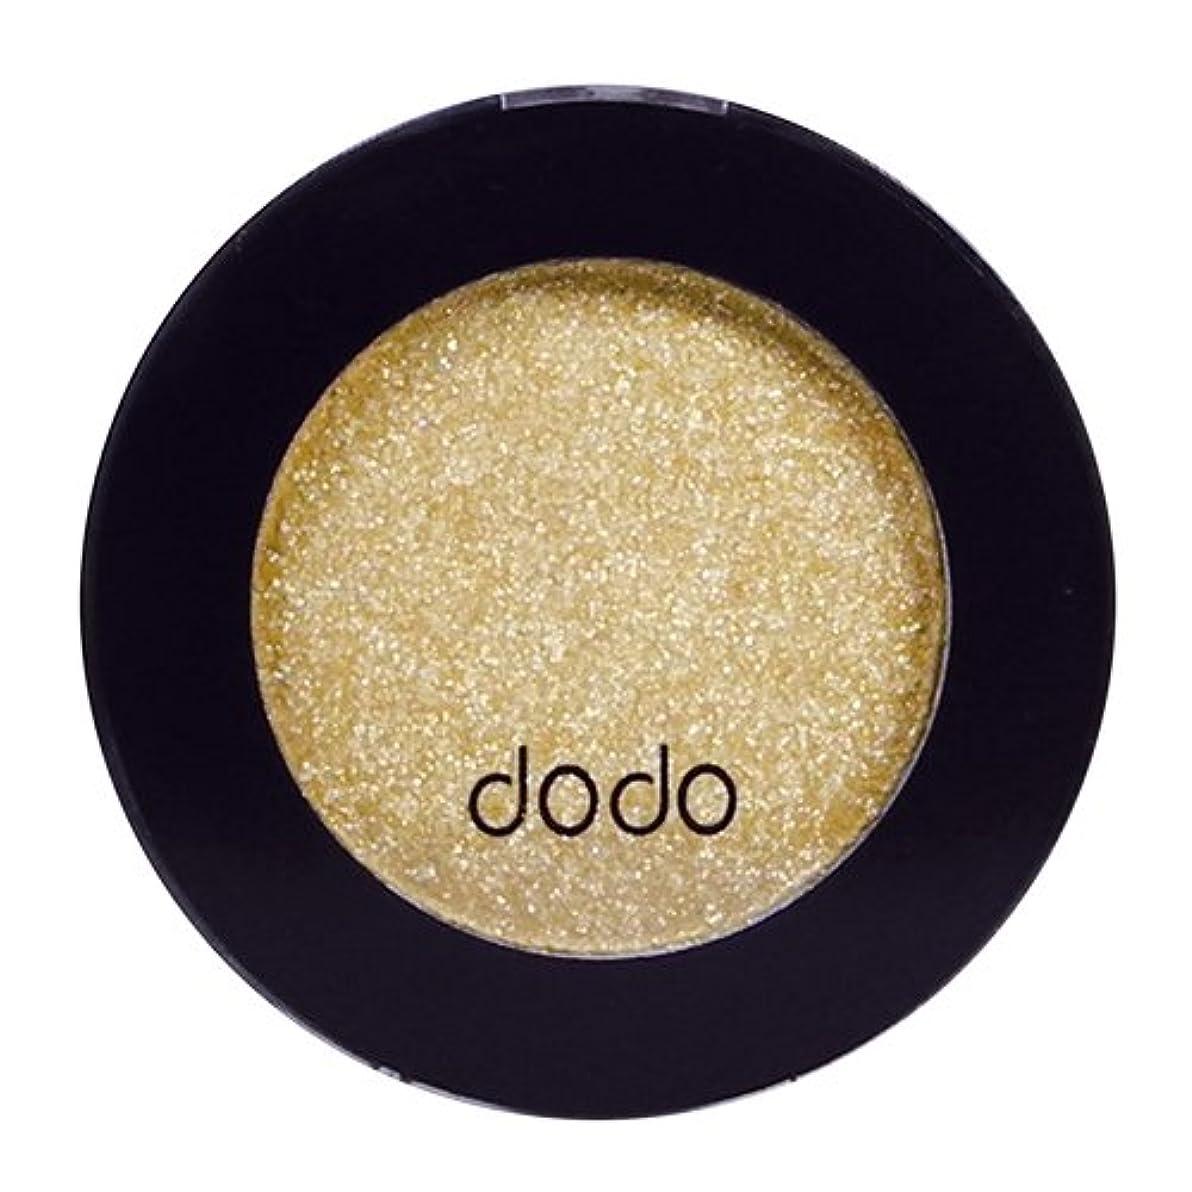 dodo(ドド) アイシャドウ NO2 ゴールド (2g)